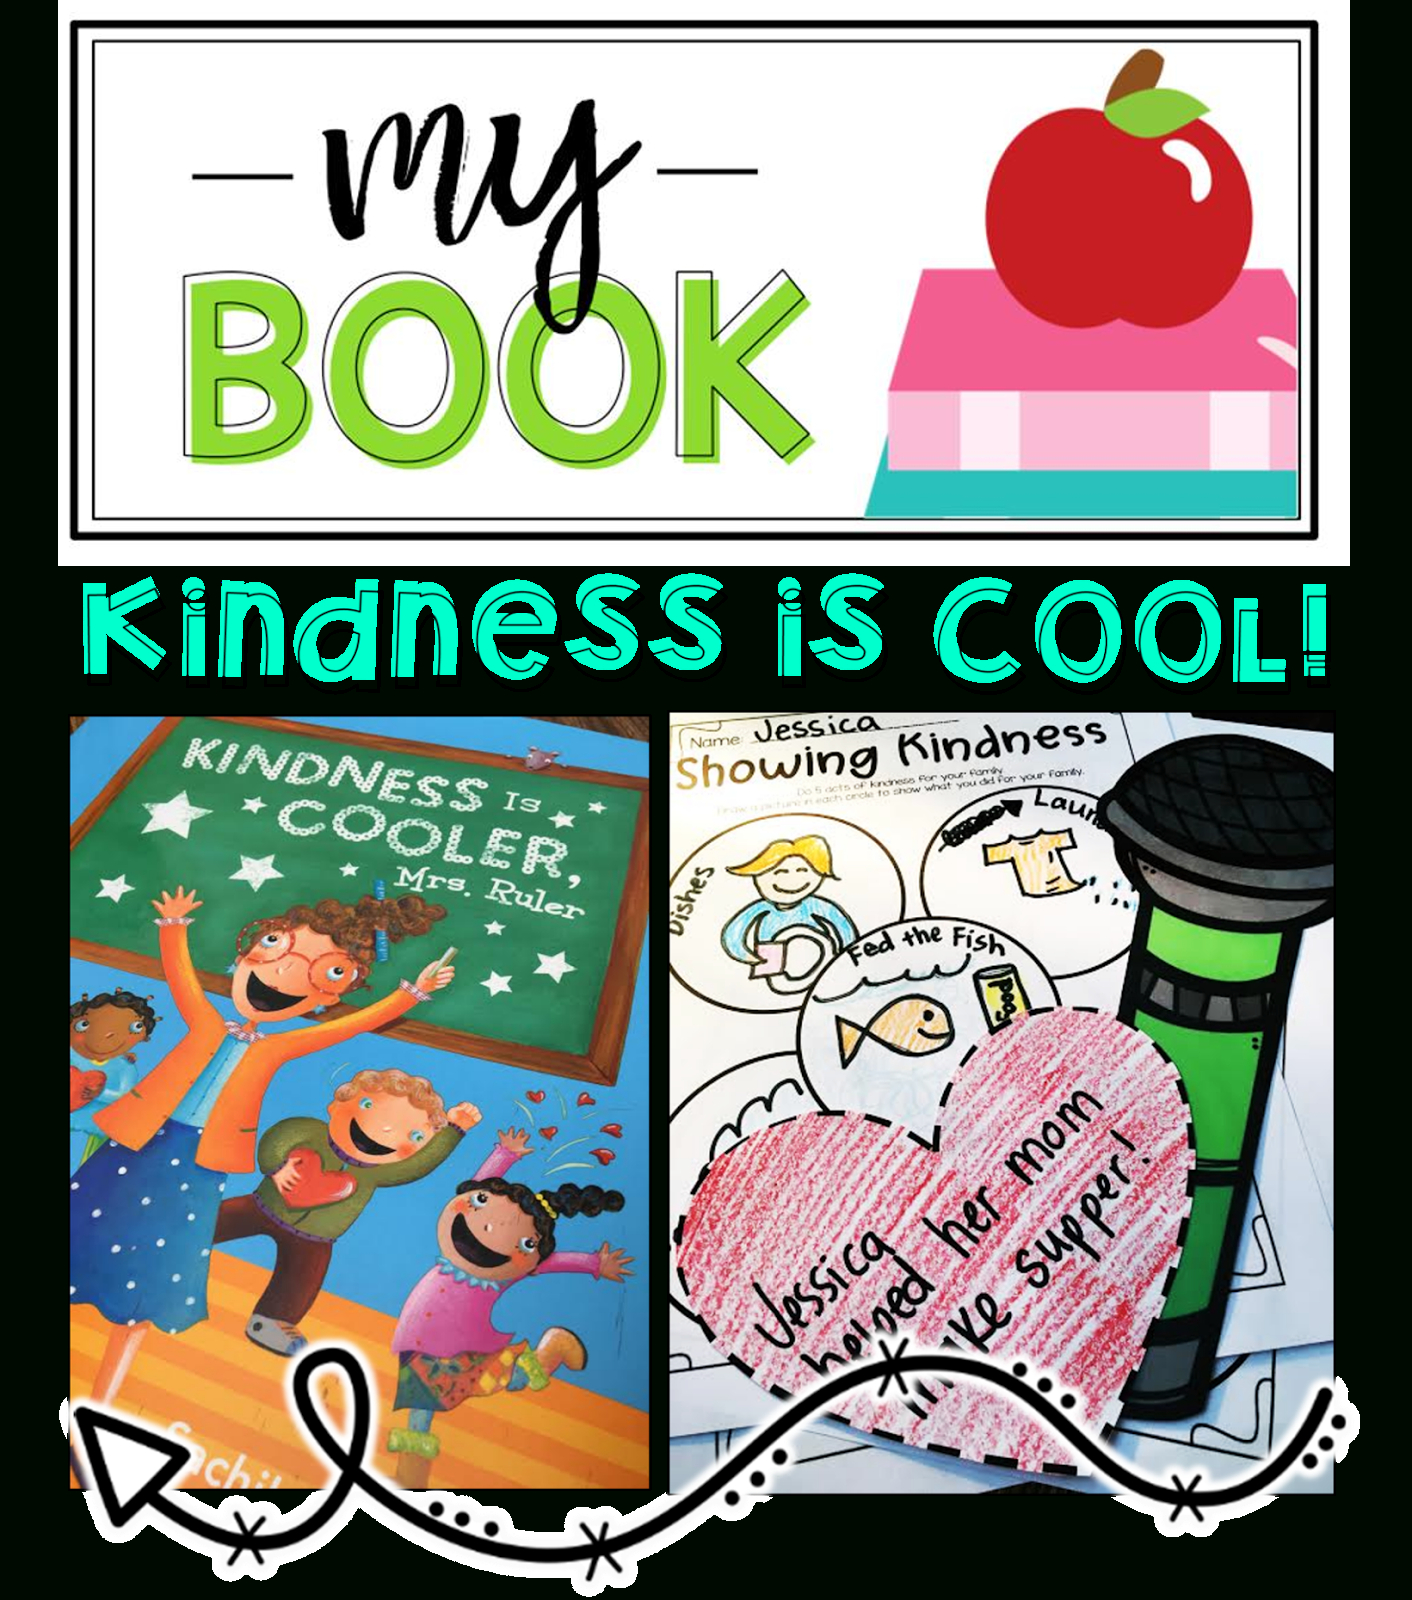 Books Teachers Love: September 2016 - The Teacher Talk